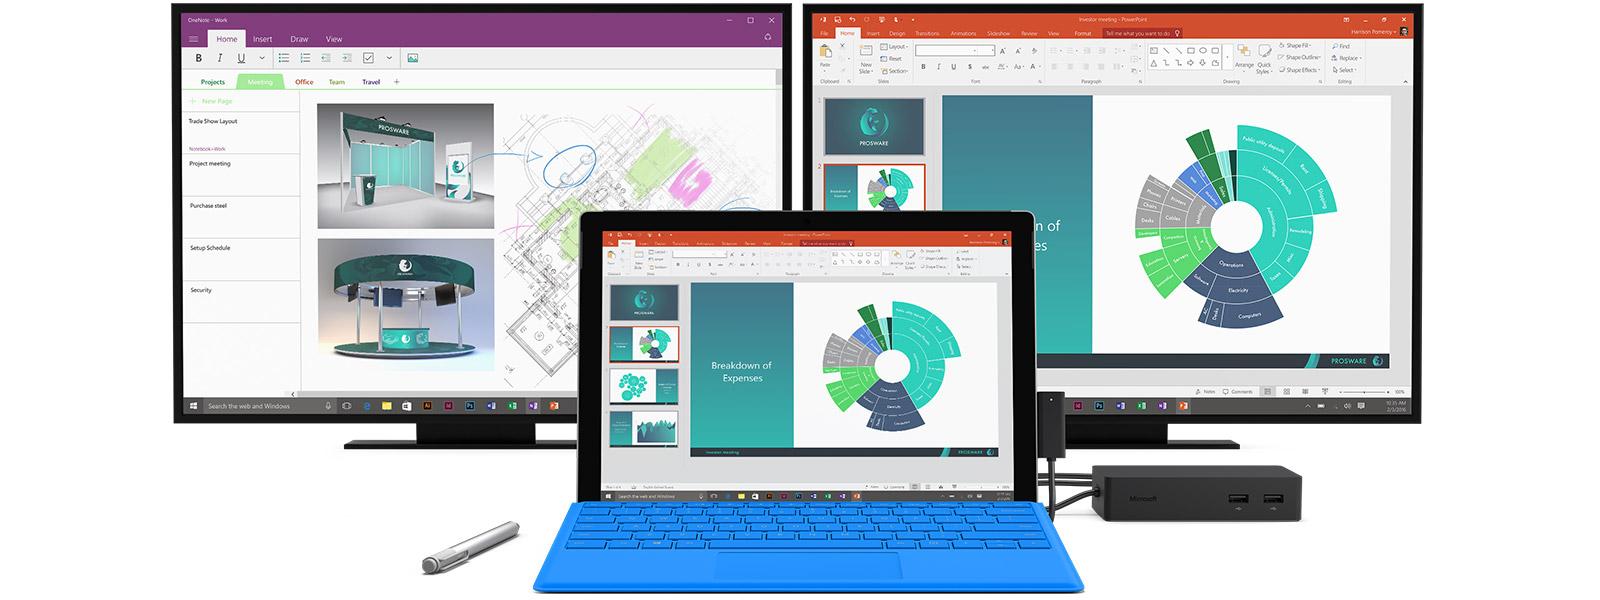 2 moniteurs de bureau génériques, Surface Pro 4, Stylet Surface et station d'accueil Surface